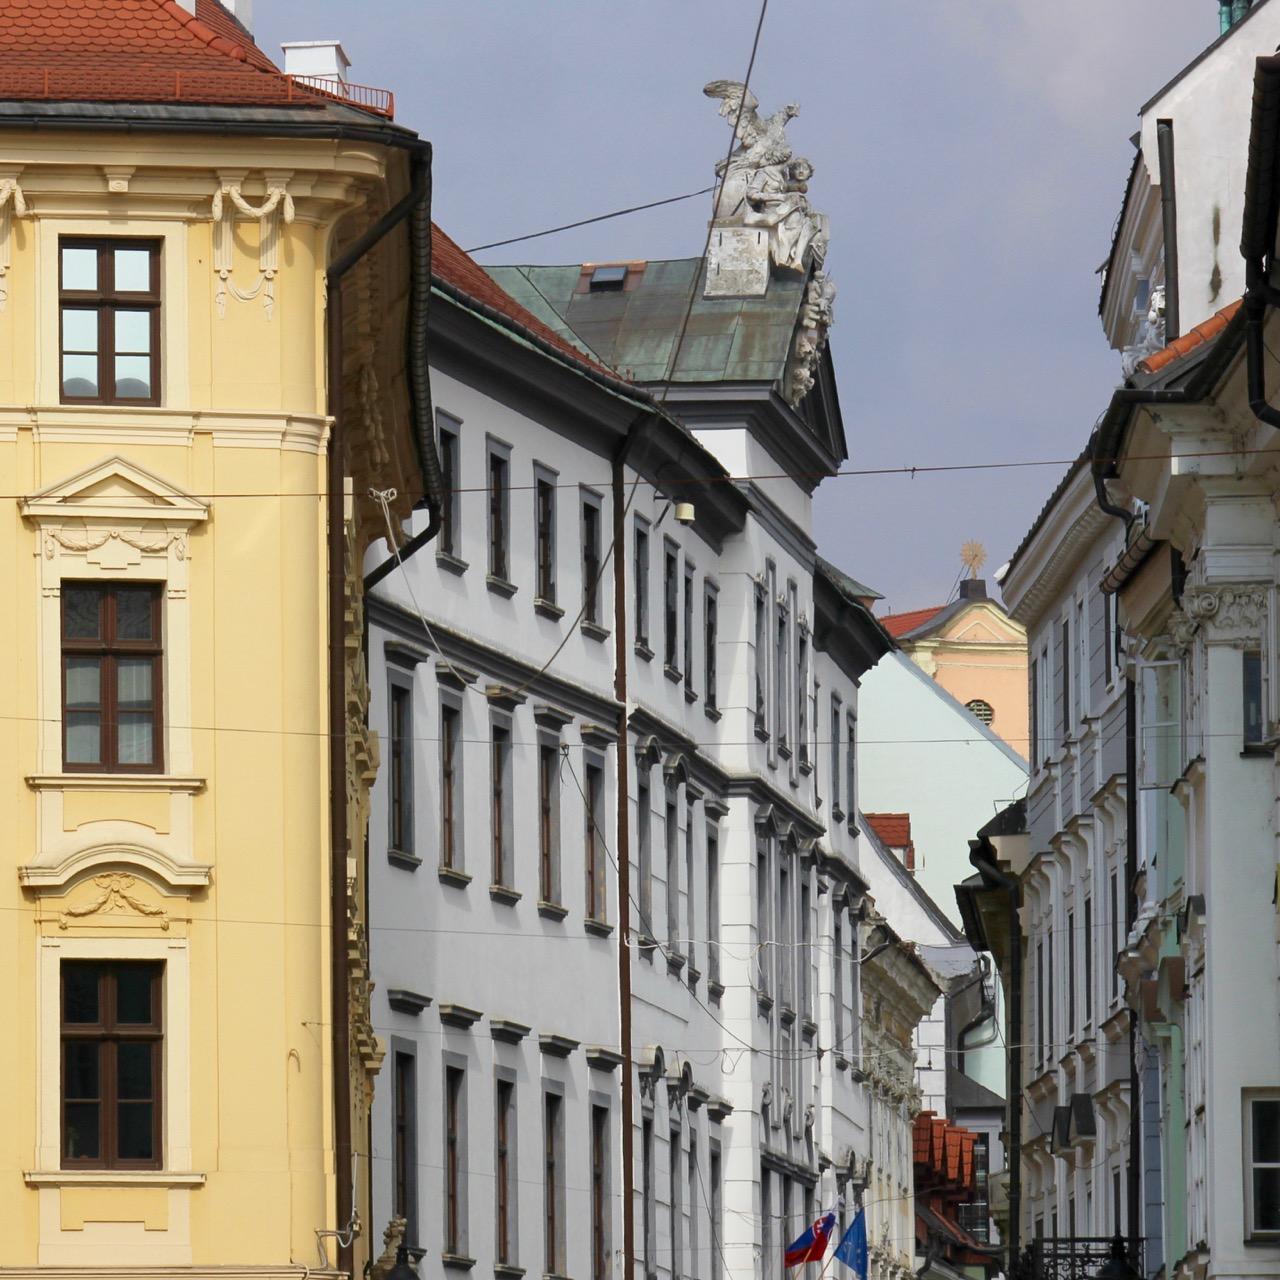 Bratislava, Slovakia - 11